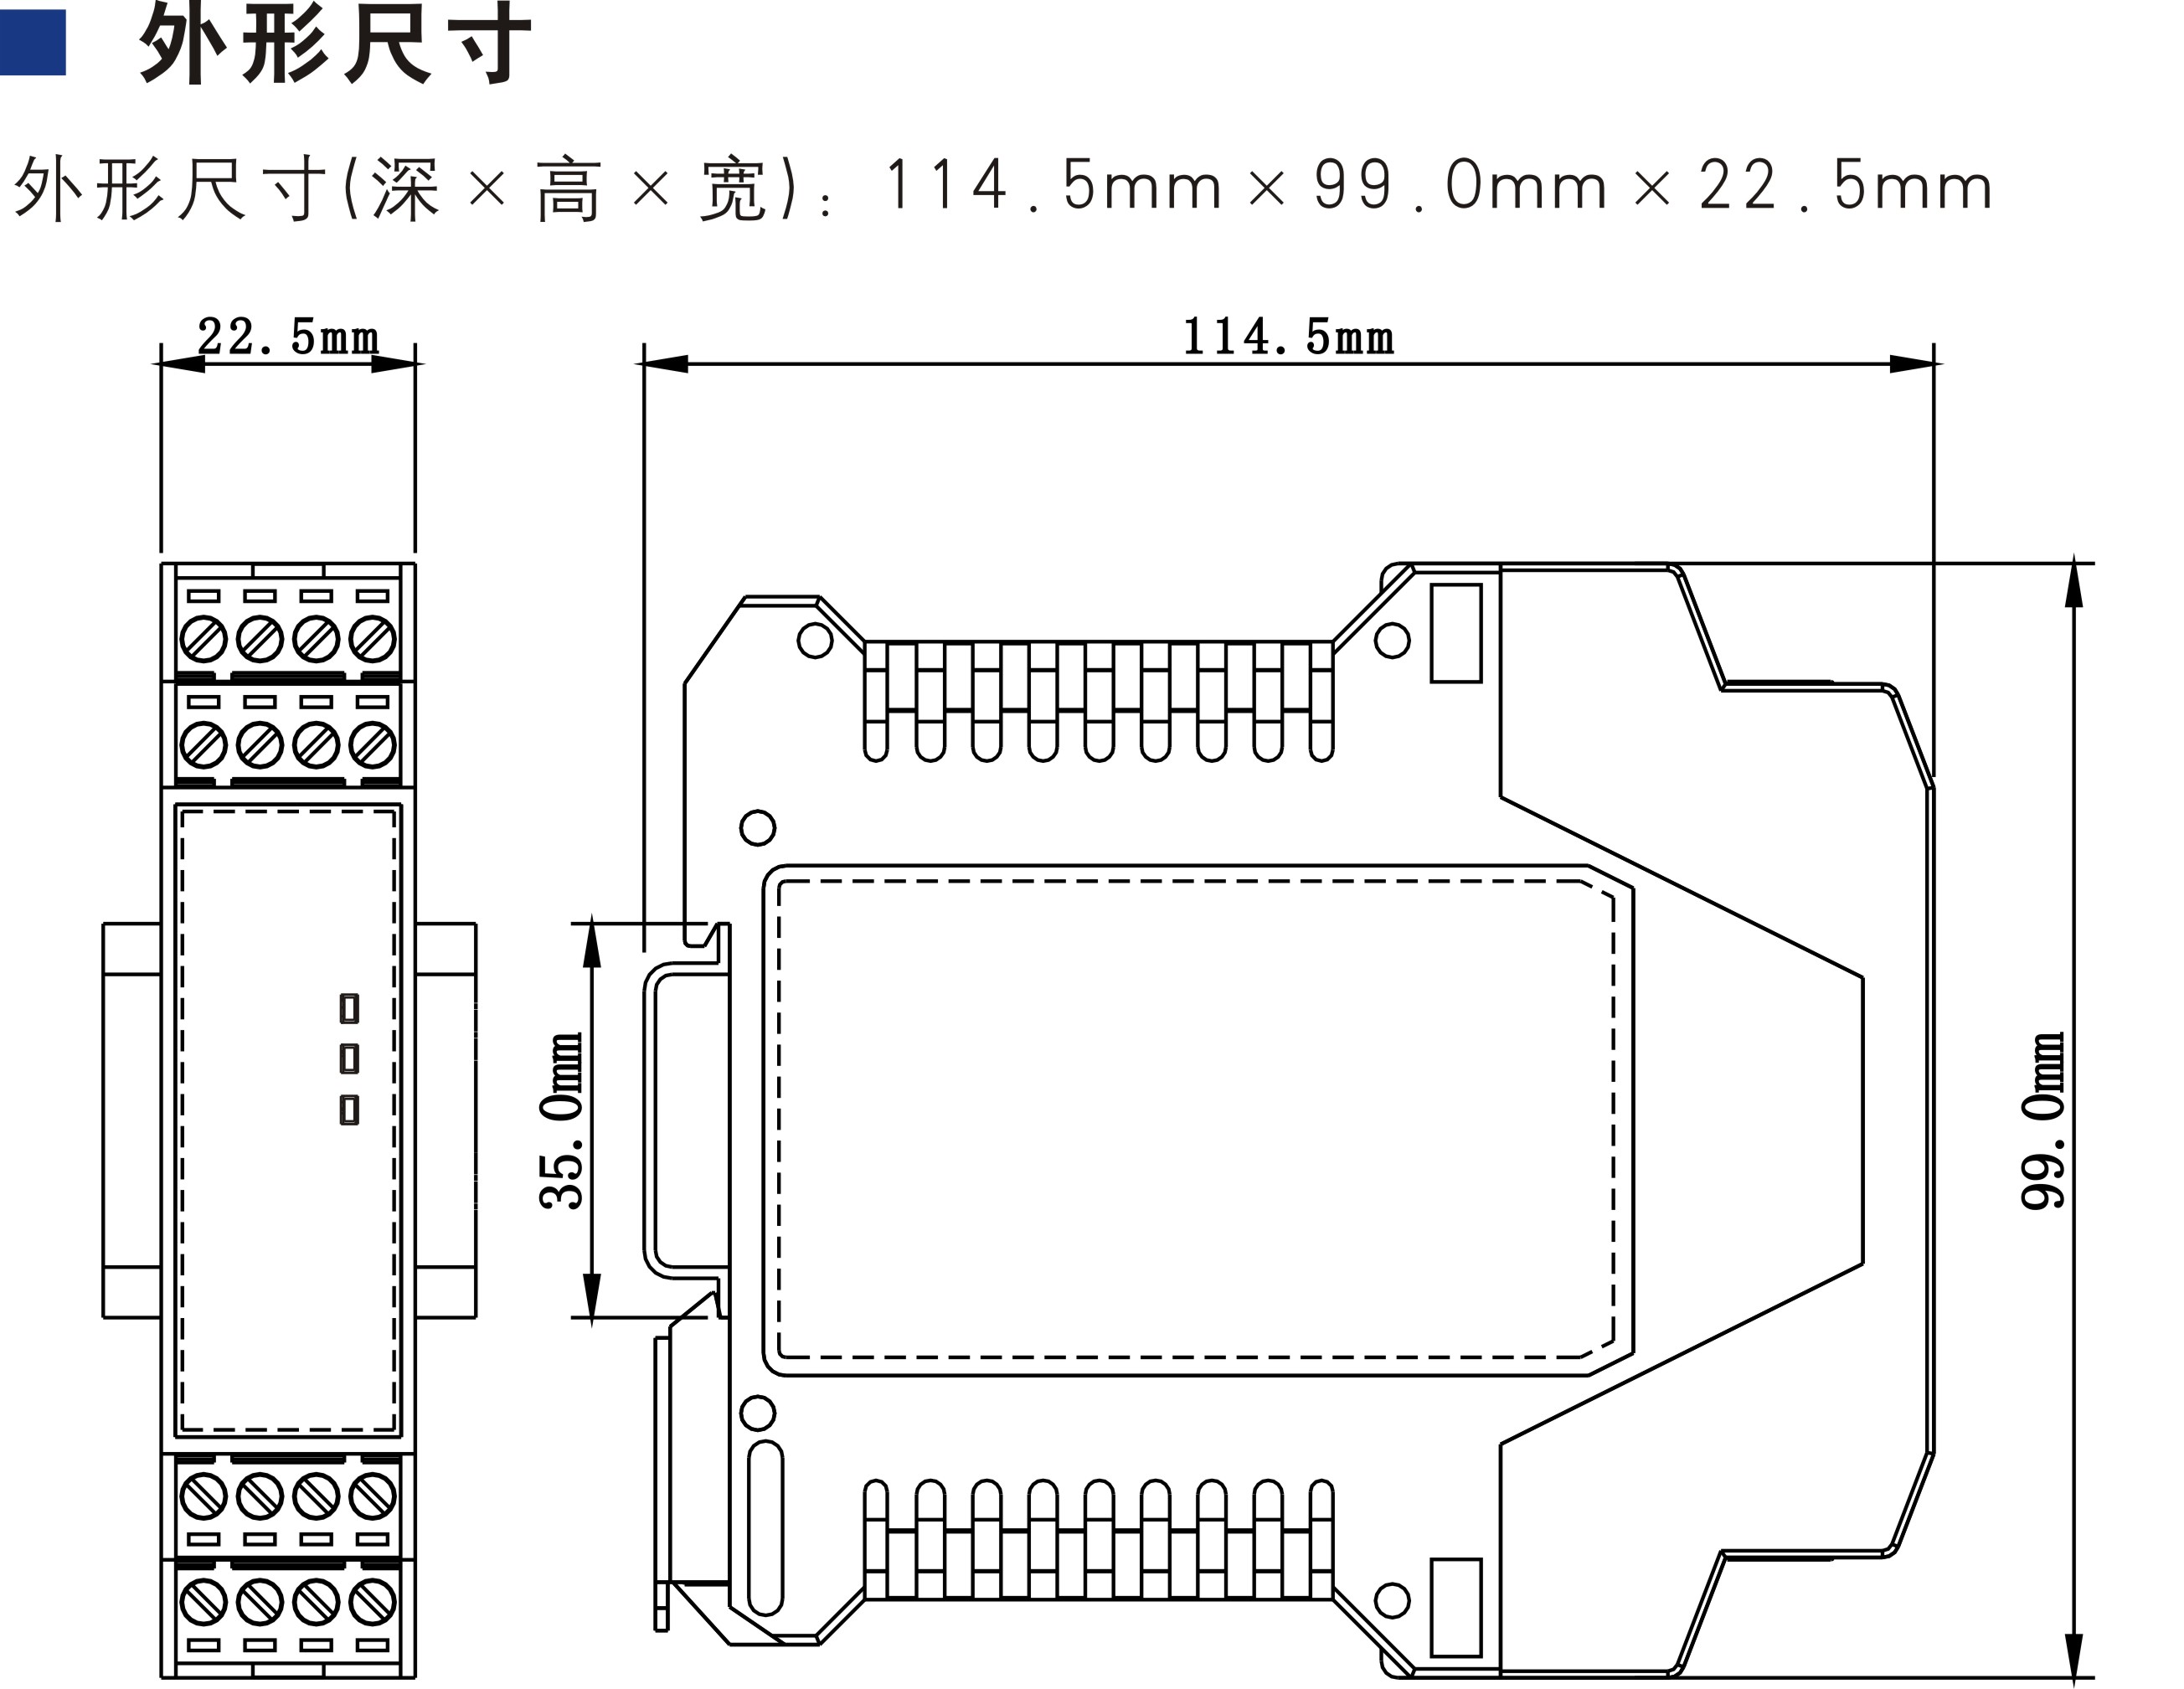 開關型安全設備輸入 (四線制安全地毯 24V DC/AC 3NO+1NC 自動/手動復位)